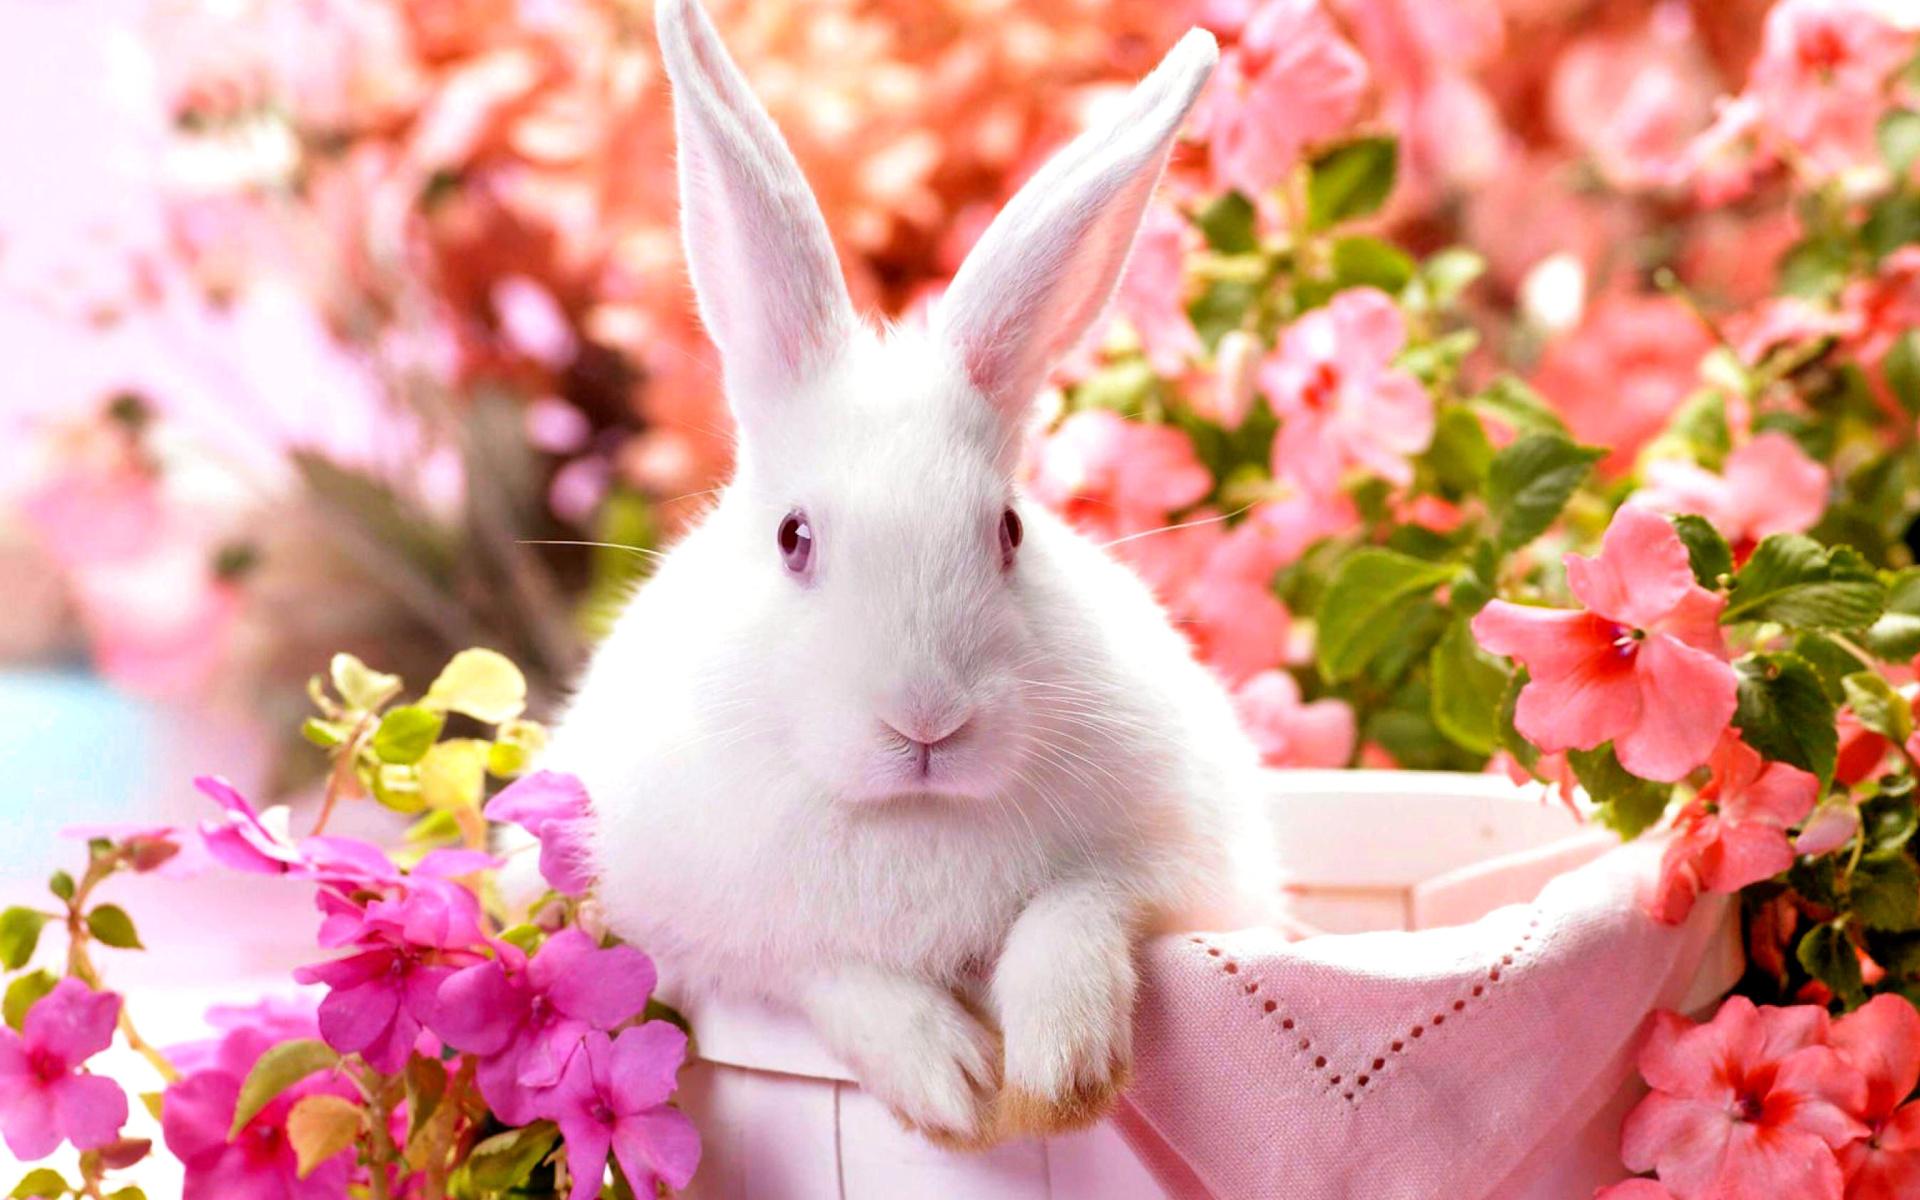 Rabbit Wallpaper Hdwallpapersets Rabbit Hd Wallpapers Backgrounds